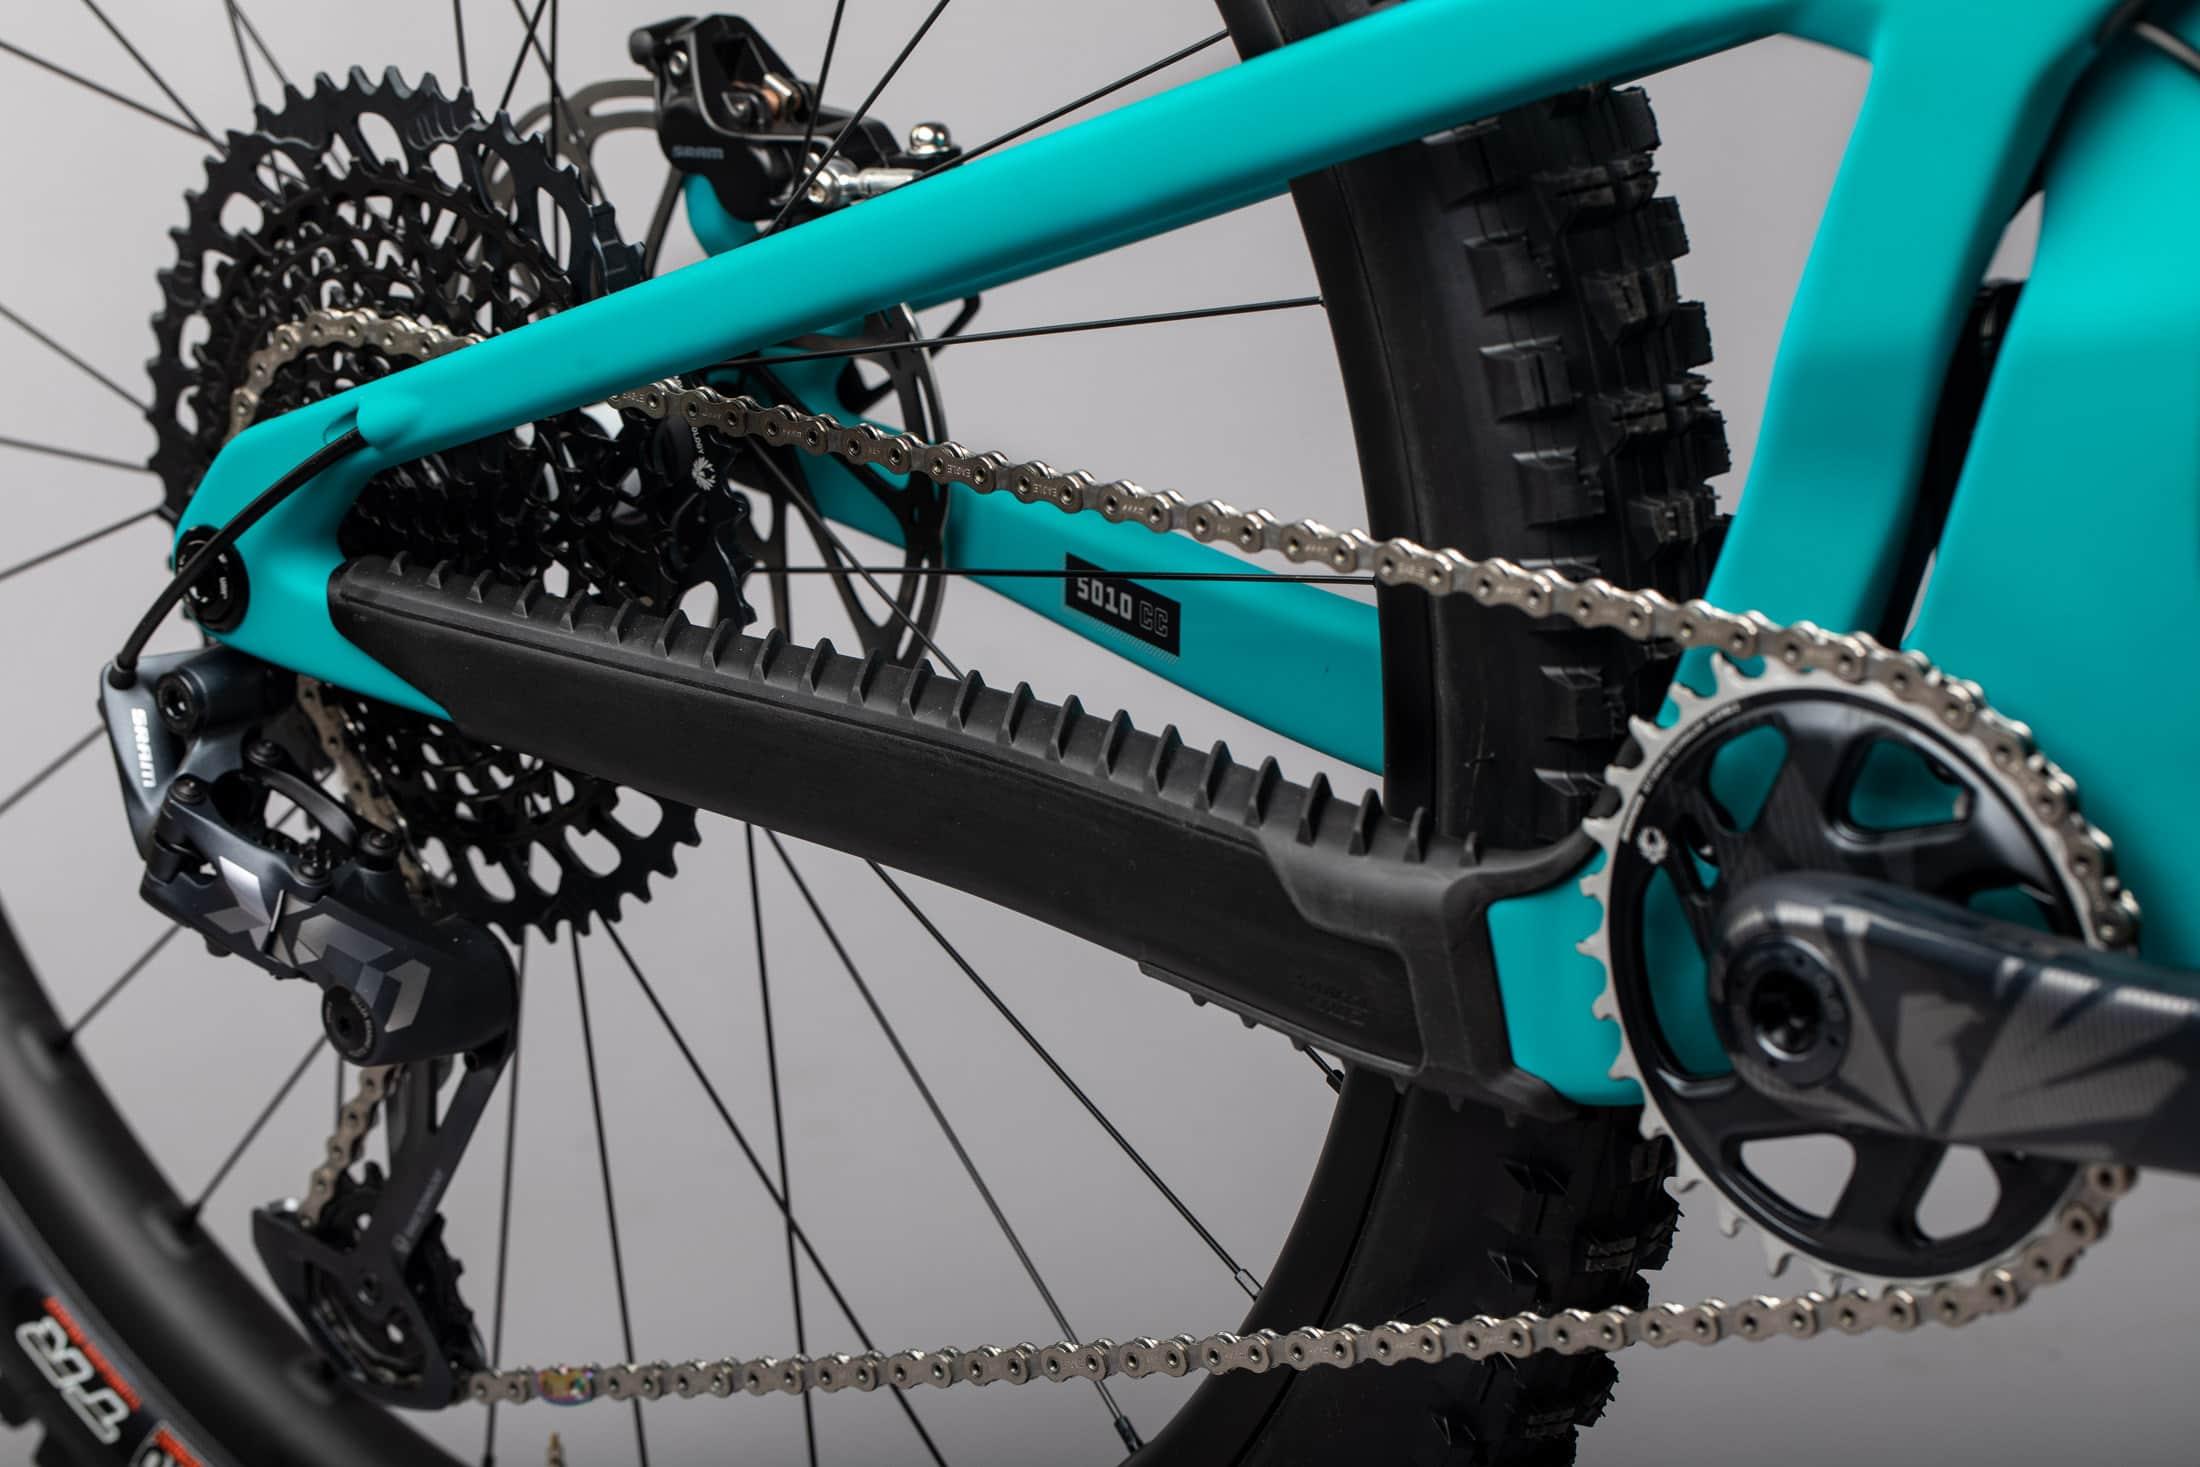 Santa Cruz 5010 Components